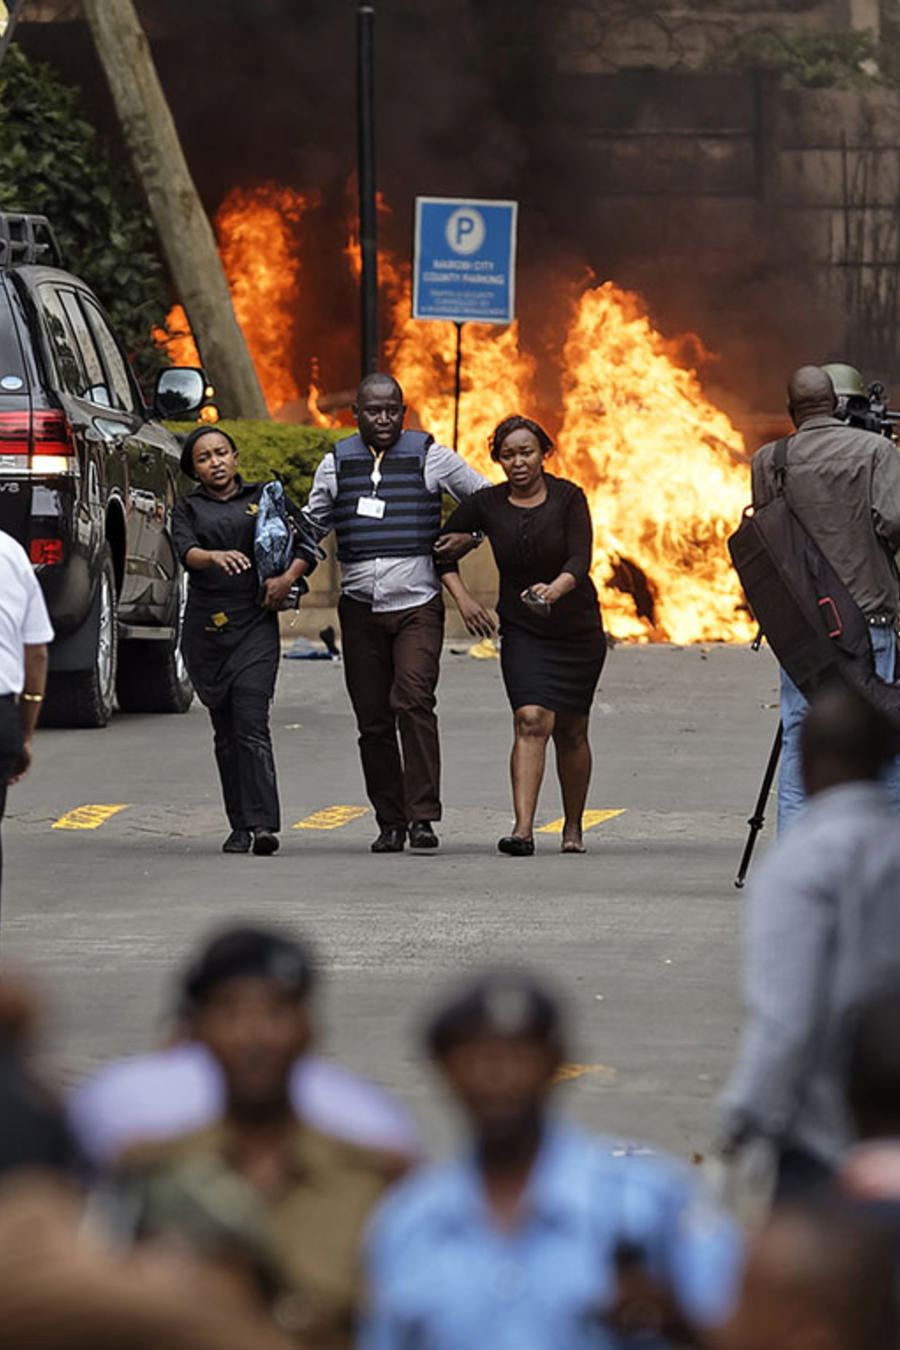 Fuerzas de seguridad ayudan a los civiles a huir de la escena del atentado terrorista en un complejo hotelero en Nairobi, Kenia.